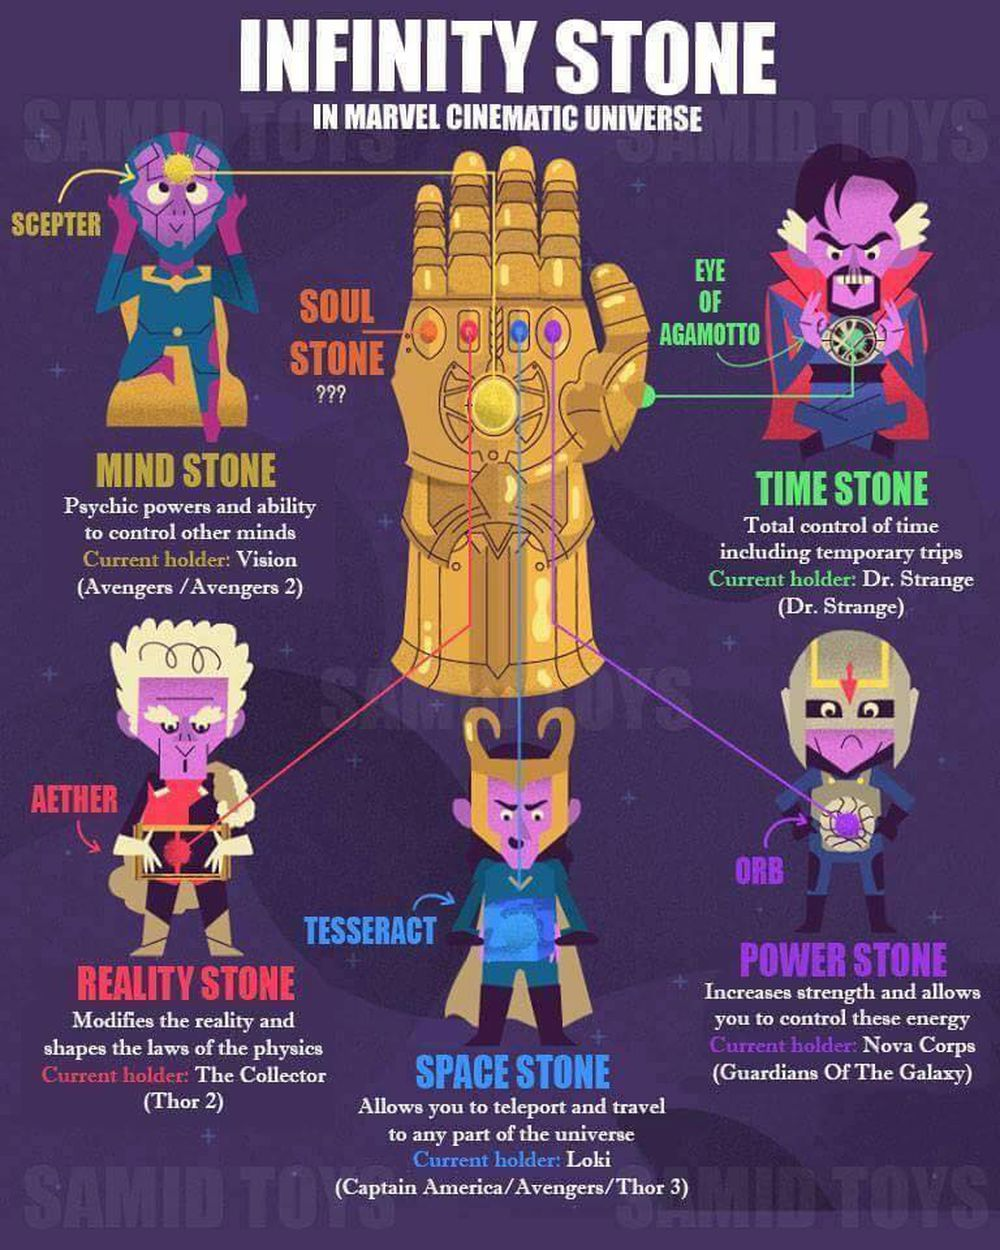 Để cập nhật sát sao tình hình, hãy đón xem những phần tiếp theo đến từ Vũ  trụ Marvel nhé!